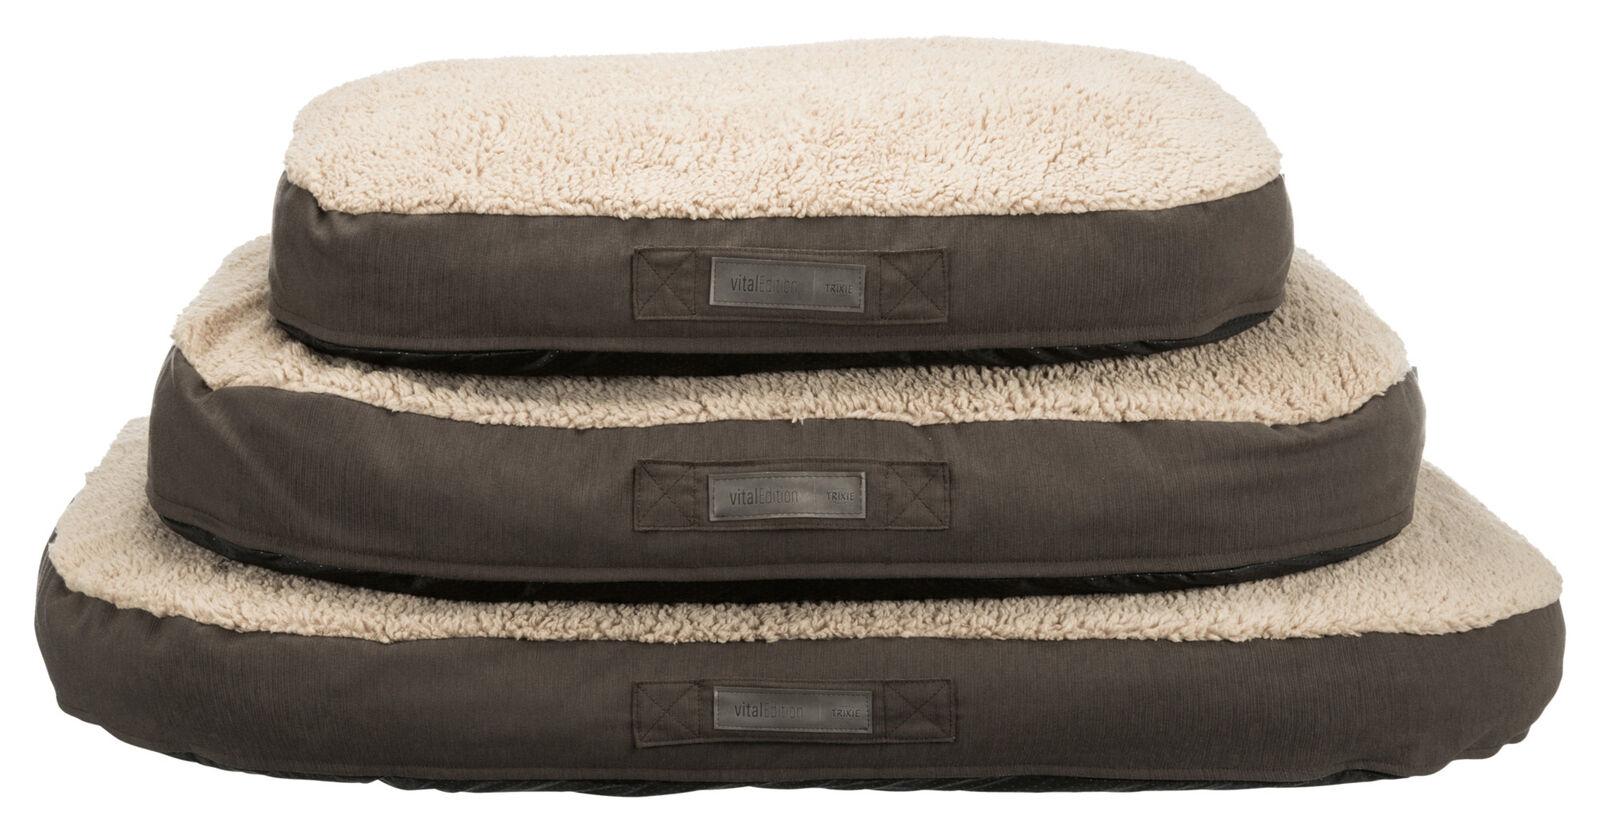 Trixie Vital Kissen Bendson Hunde Hundekissen waschbar Bett Bezug rutschfest